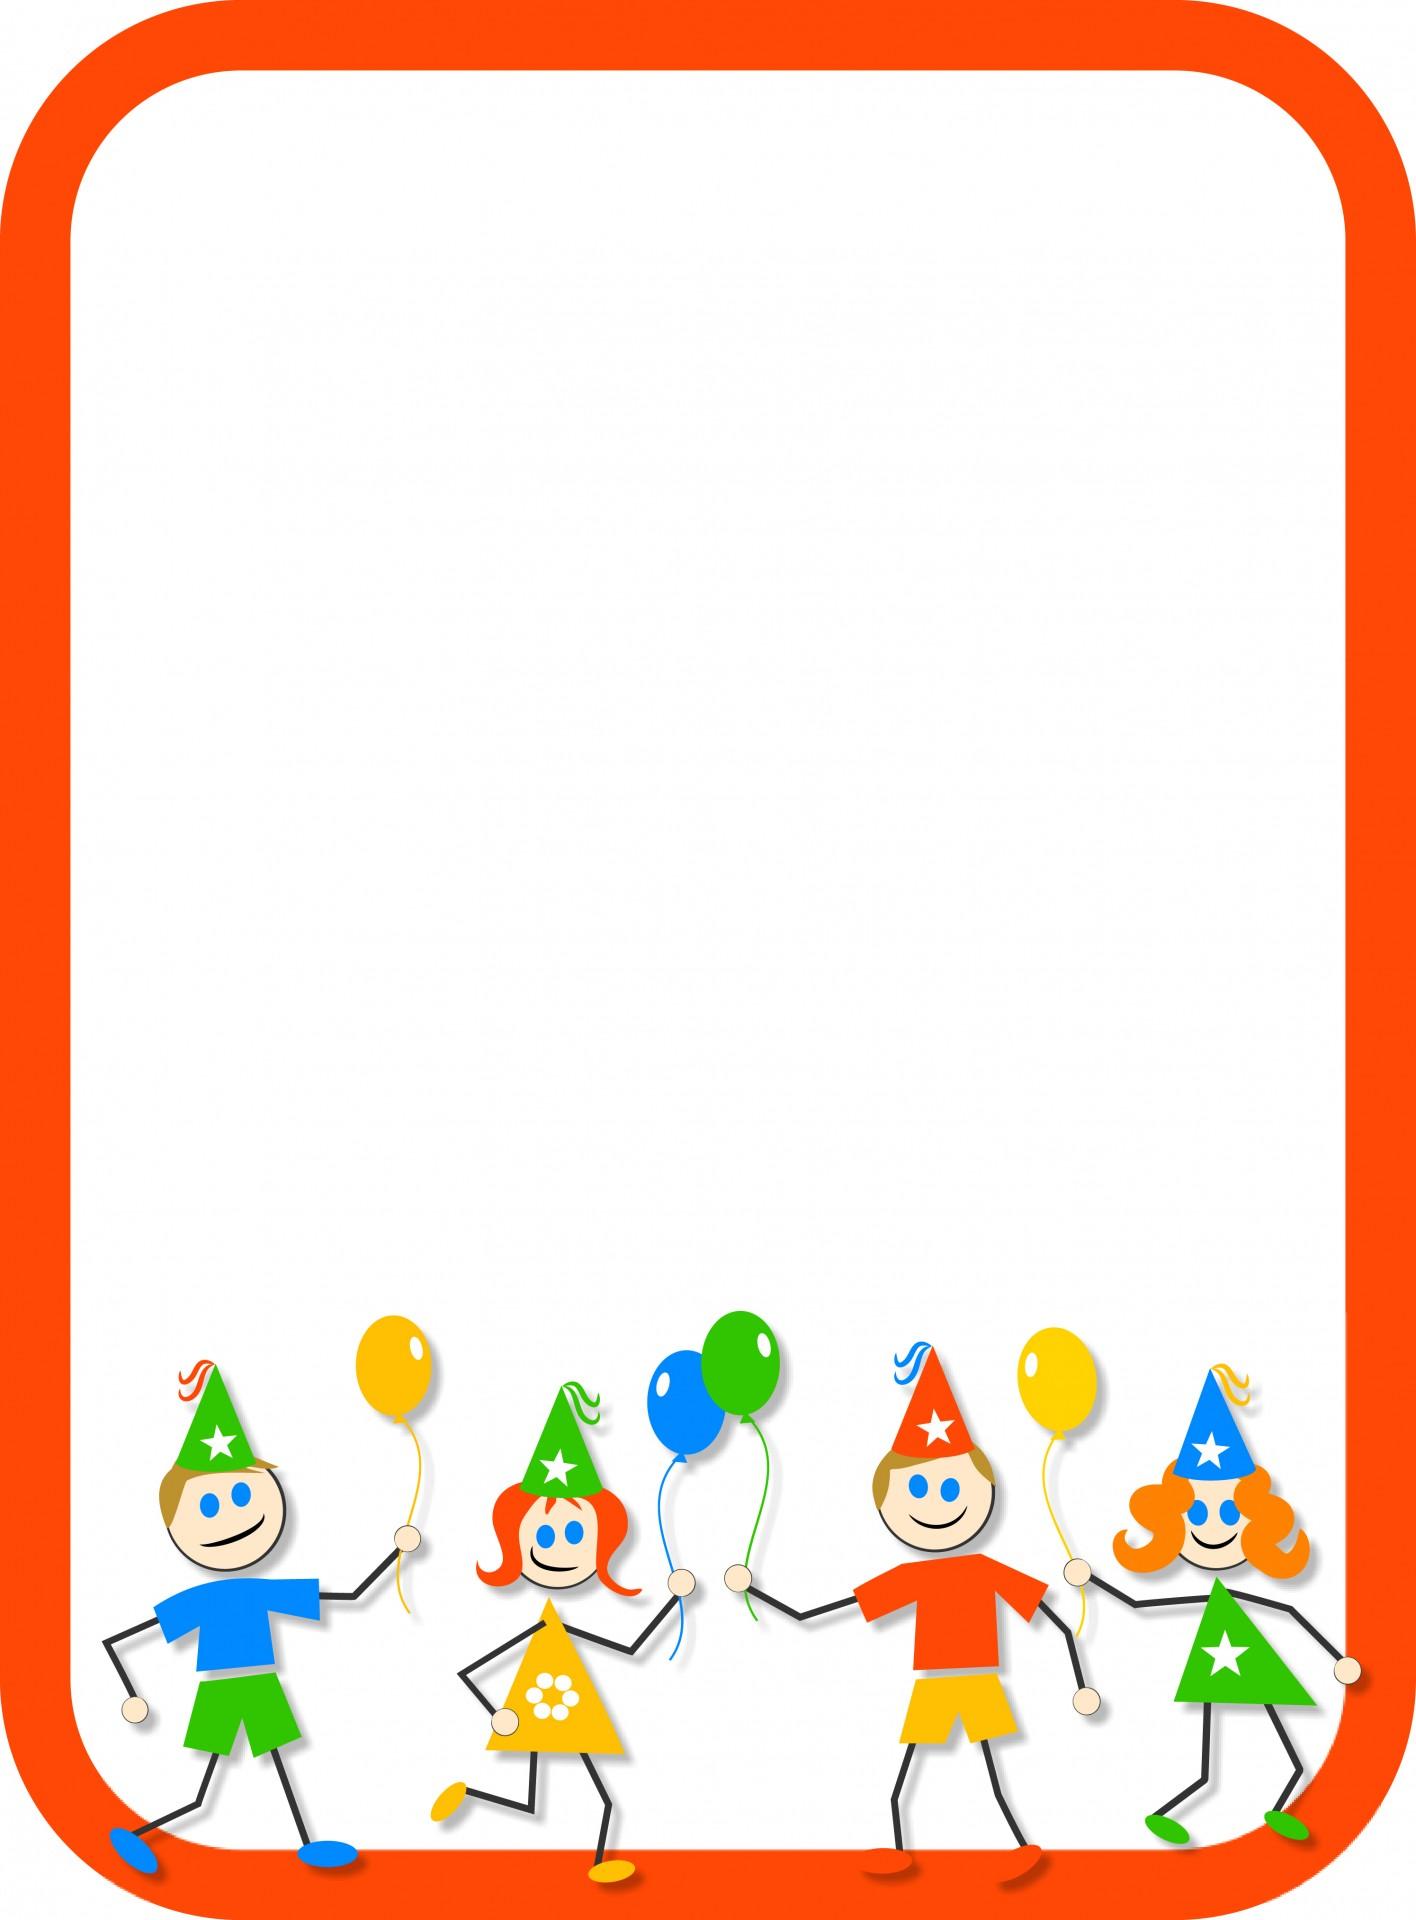 1416x1920 Kids Party Border Free Stock Photo